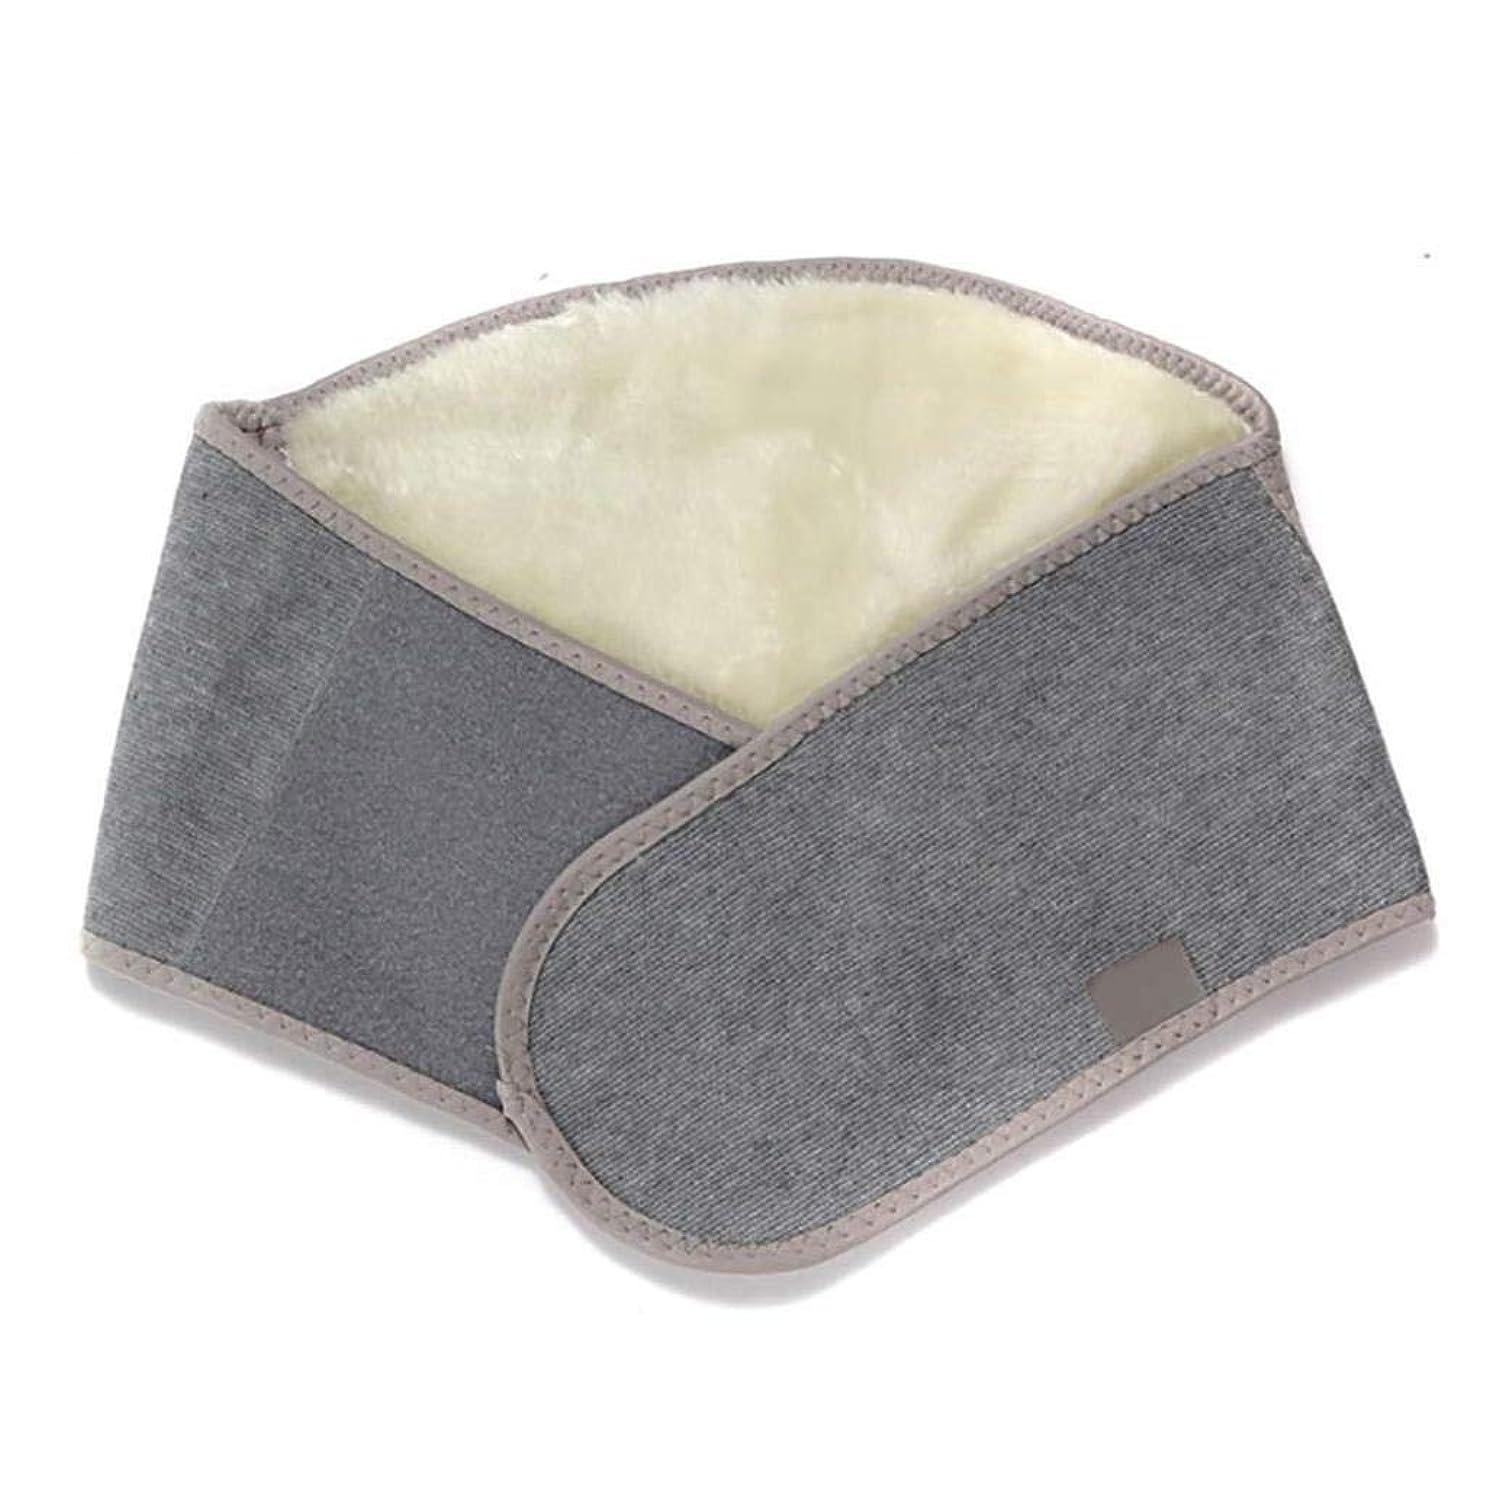 監督する緩める速記戻る/腰サポートベルト、竹炭カシミヤベルト背面通気性を温め、痛みや防ぐ傷害を和らげます